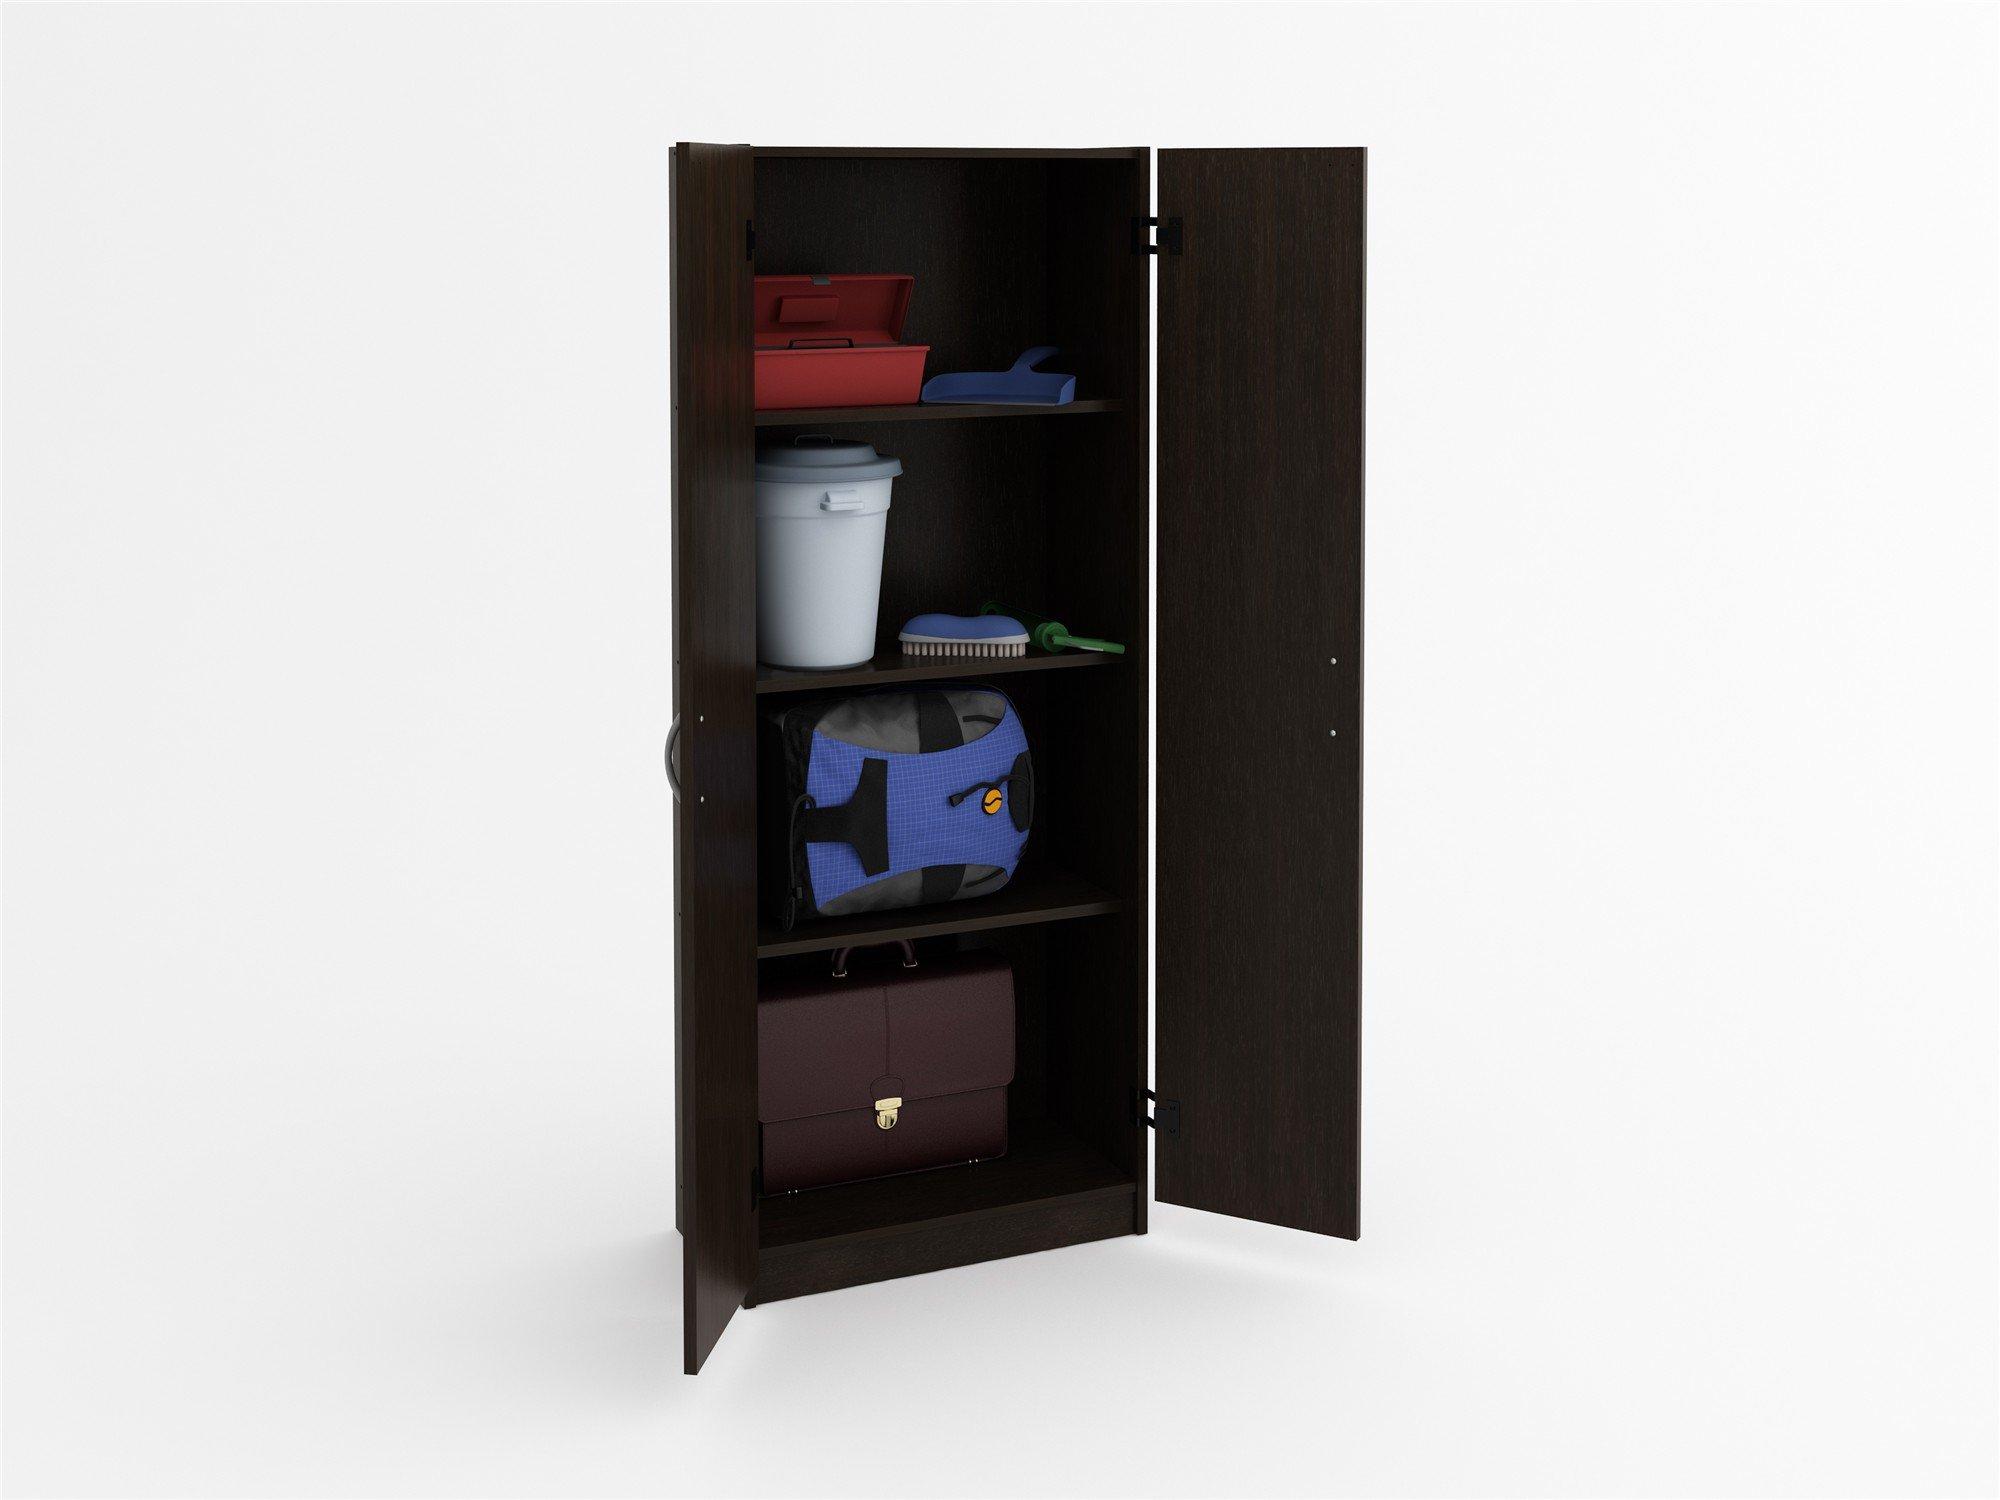 Cabinets Racks Shelves Ameriwood Systembuild Flynn & Ameriwood Storage Cabinet - Listitdallas